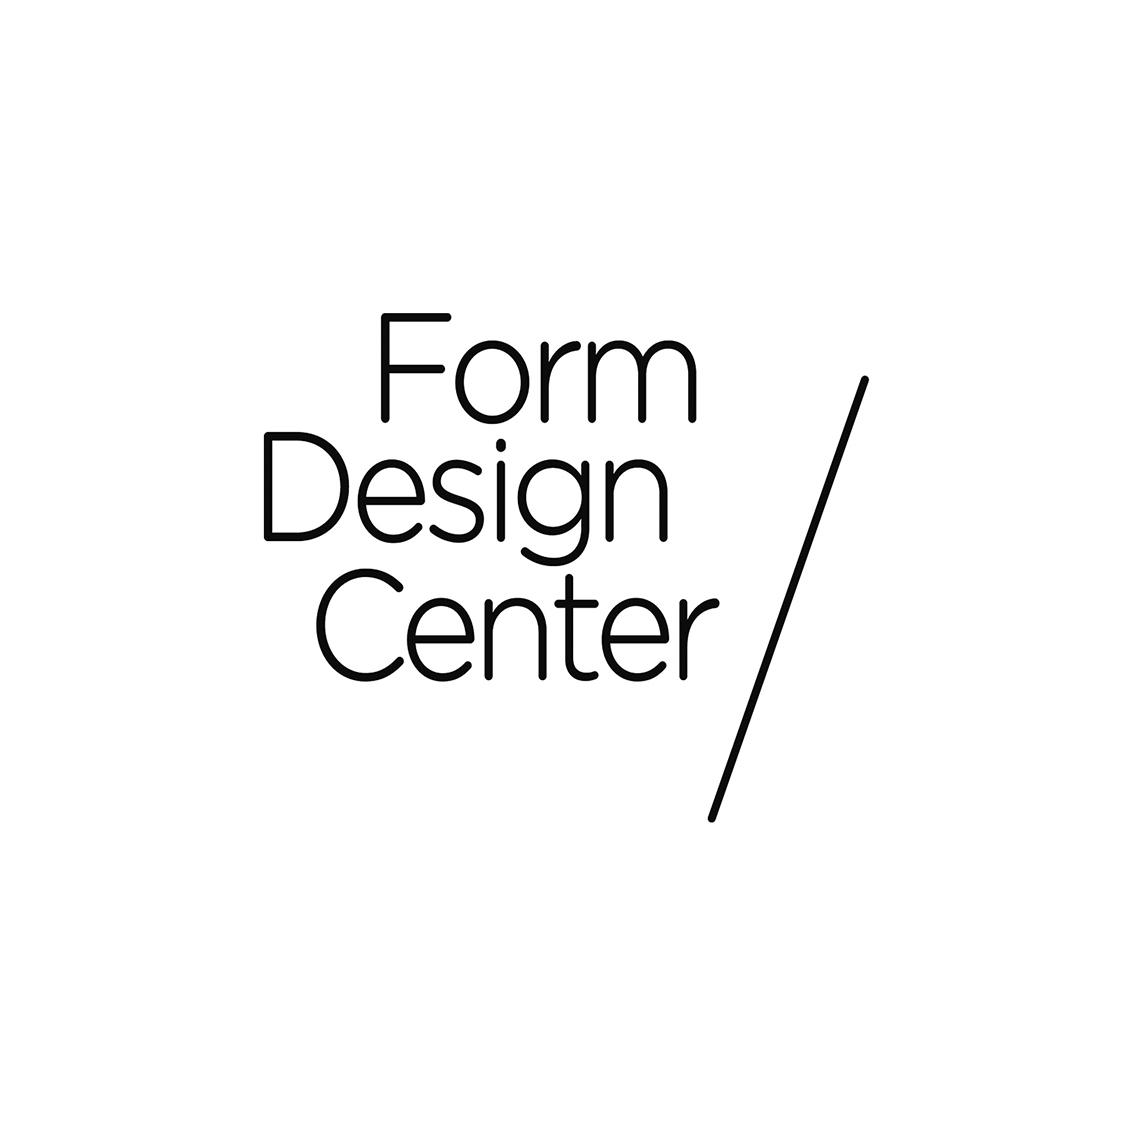 Form / Design Center